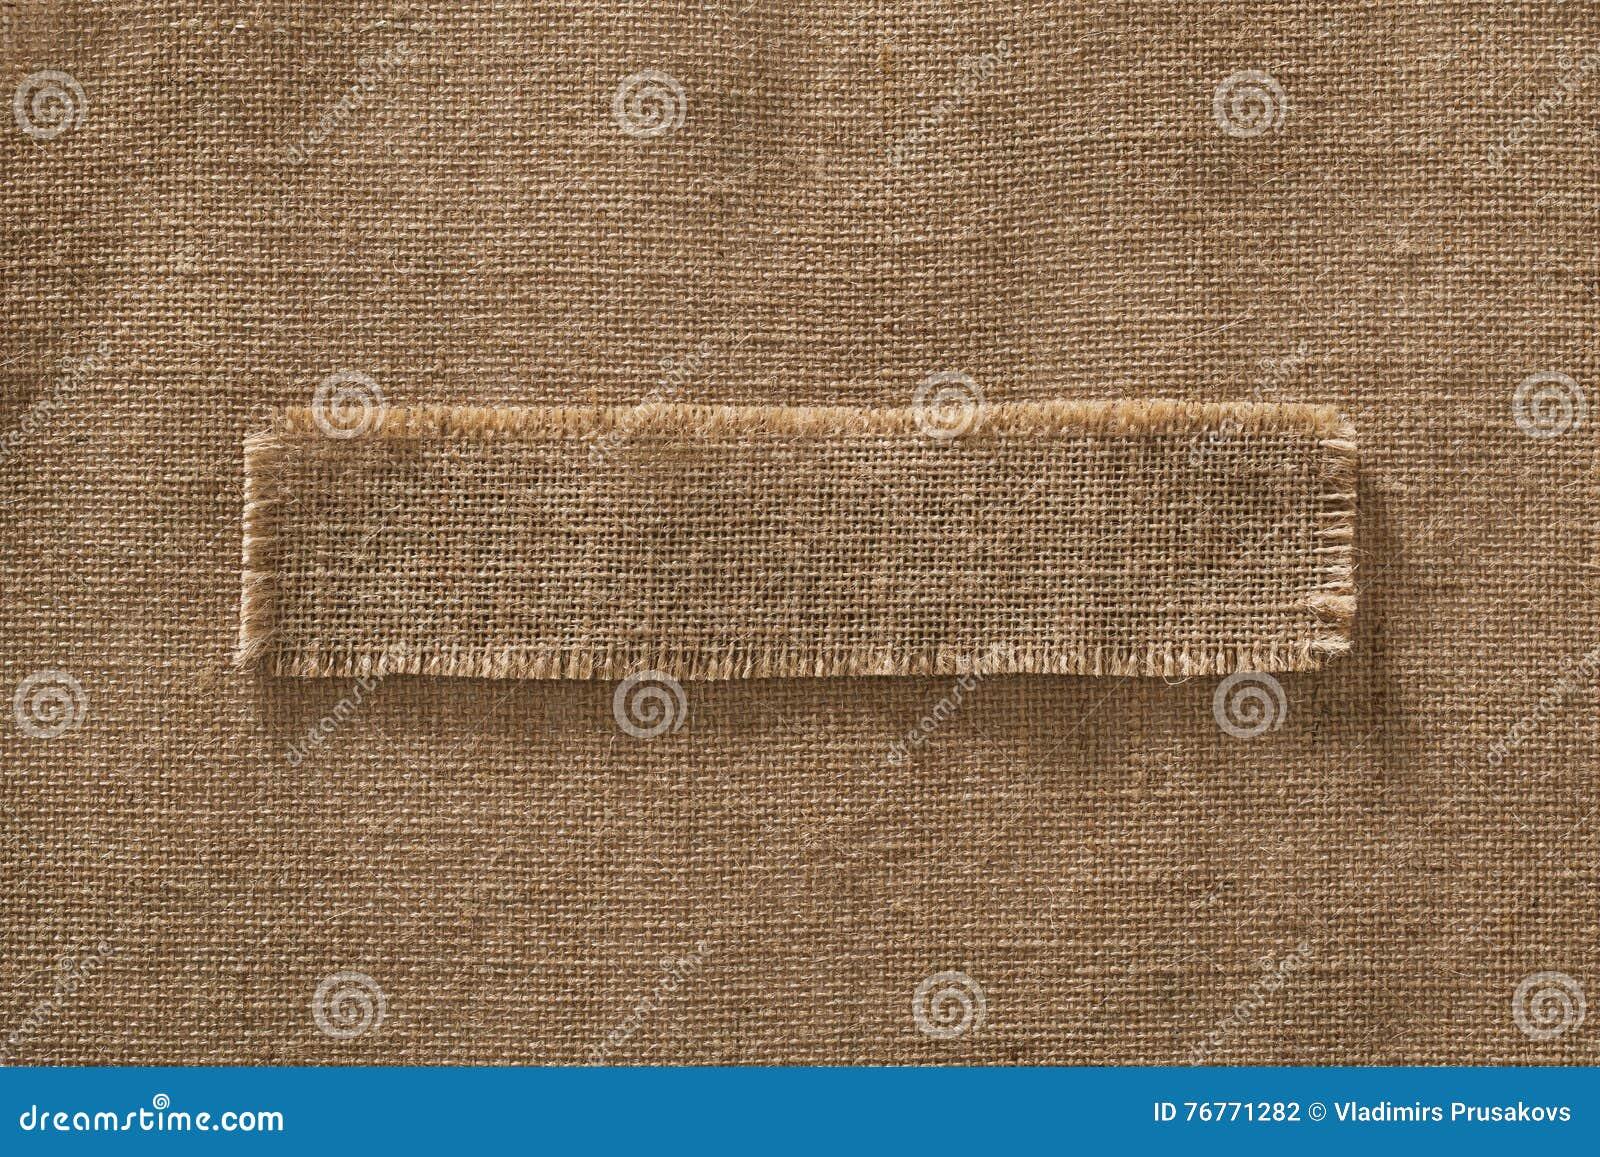 Etiqueta da parte do quadro da tela de serapilheira sobre a juta de linho de pano de saco